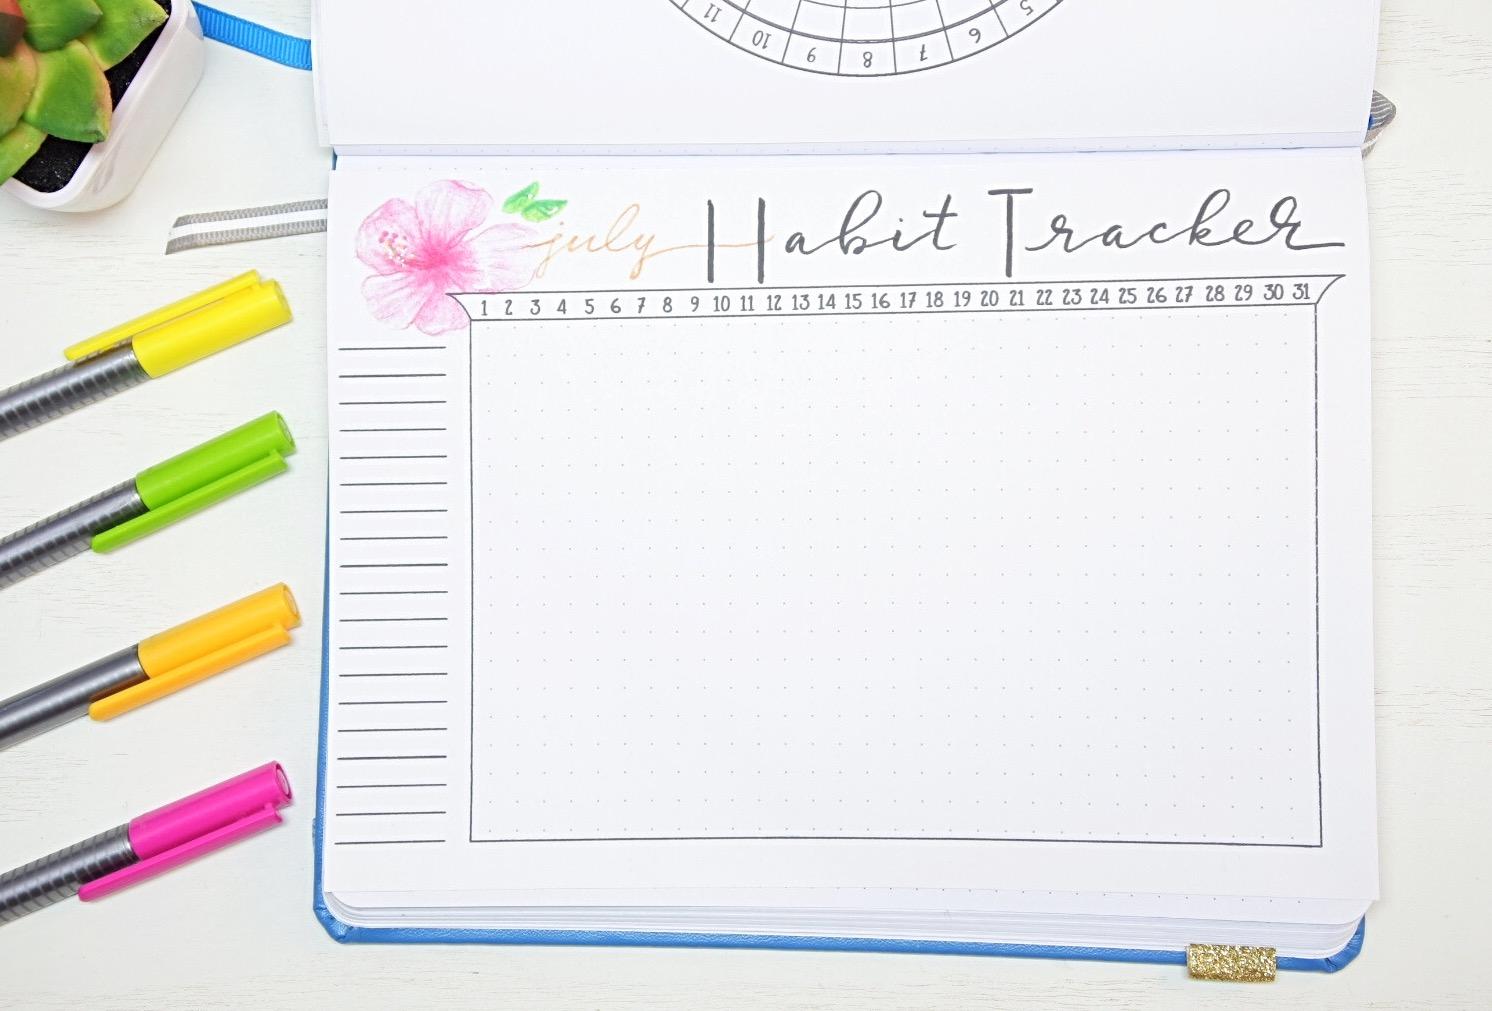 July Habit tracker